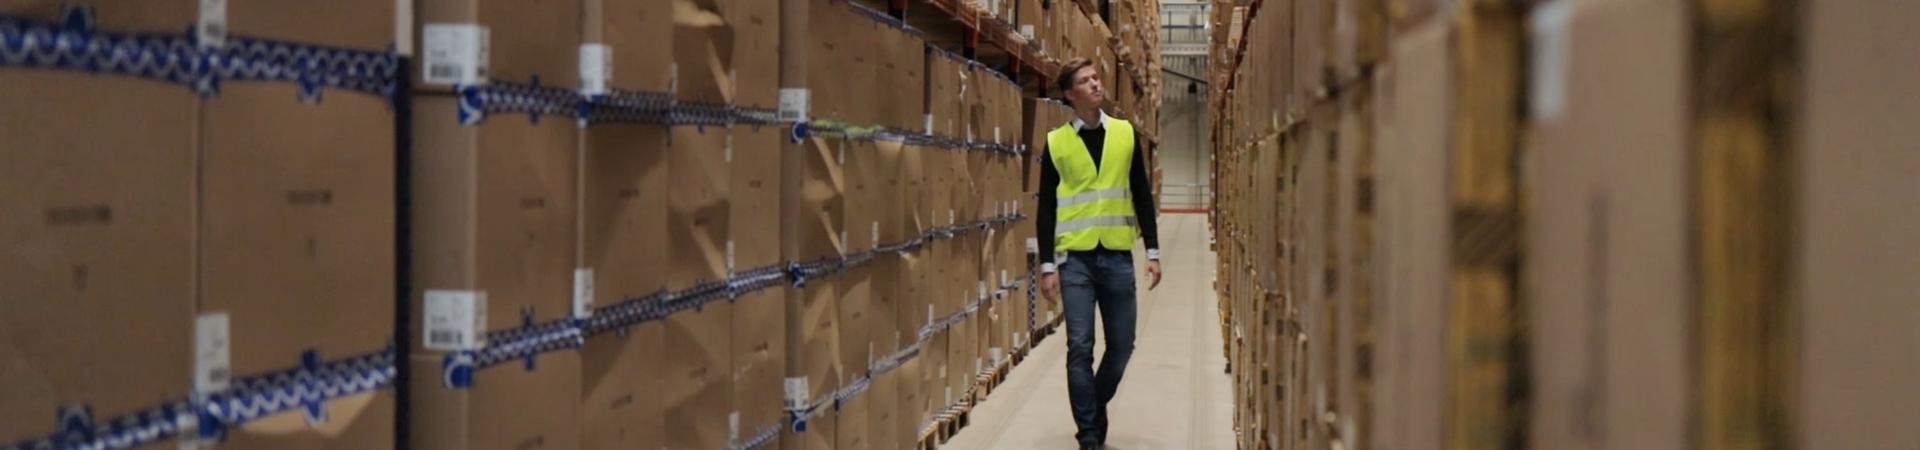 banner Online jobevent Bleckmann | Logistiek Traineeship